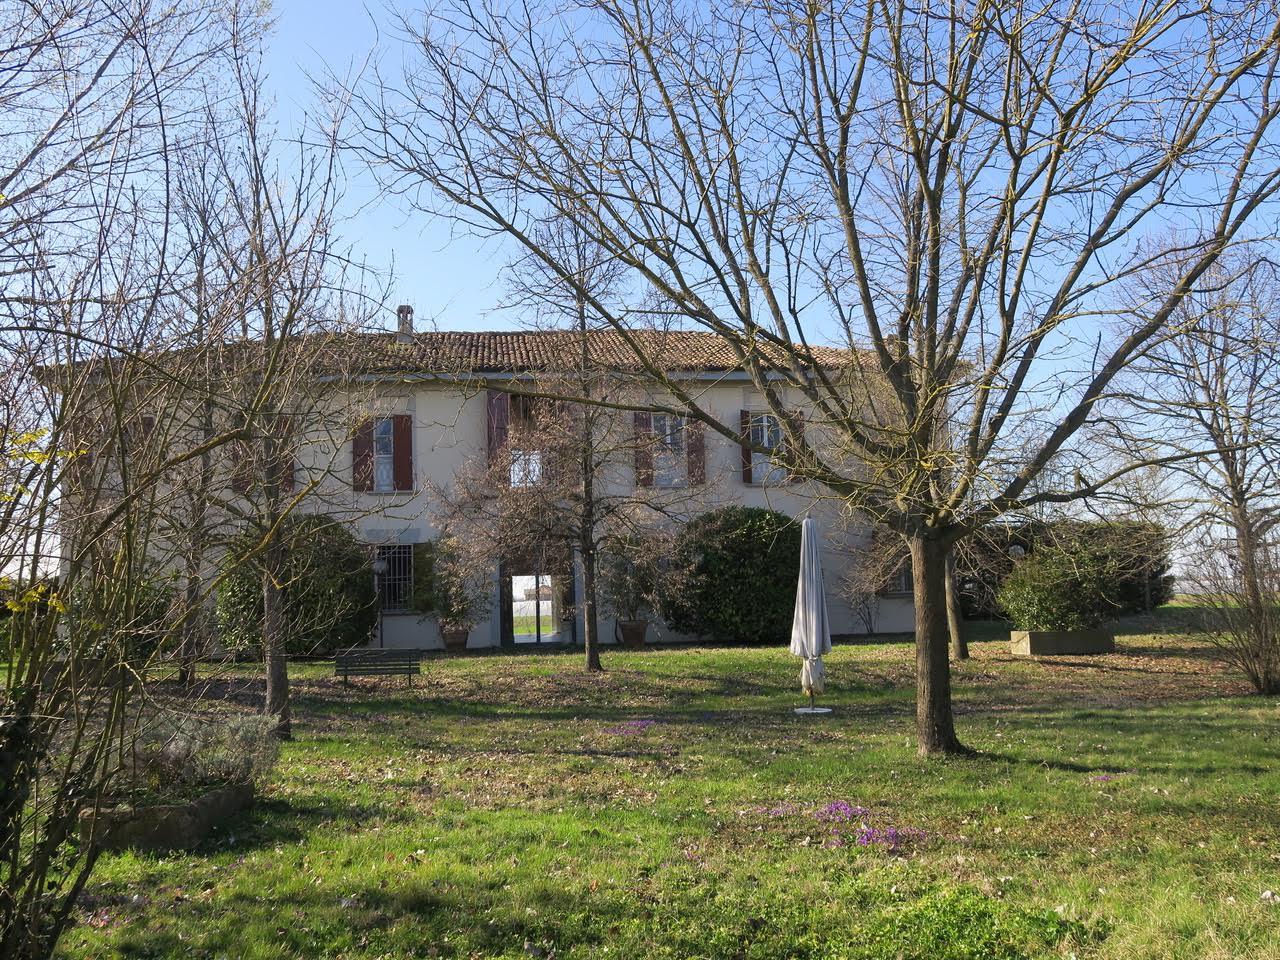 Villa - Vendita - - Budrio - Rif. 02M127 | Mida Immobiliare